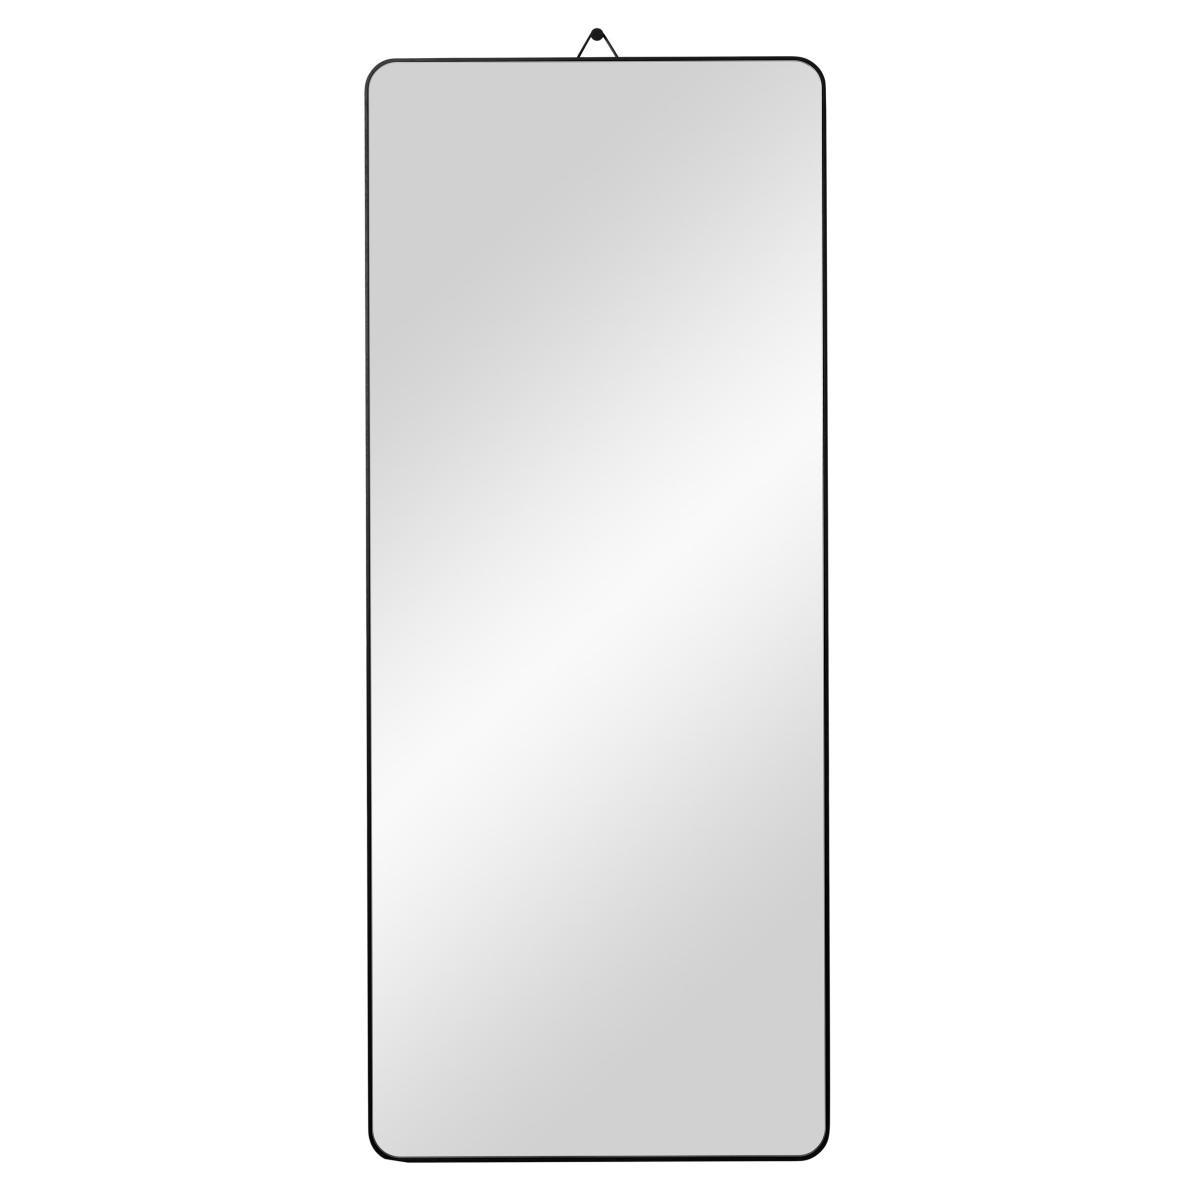 VIEW Spiegel 50 x 120 cm Eiche schwarz